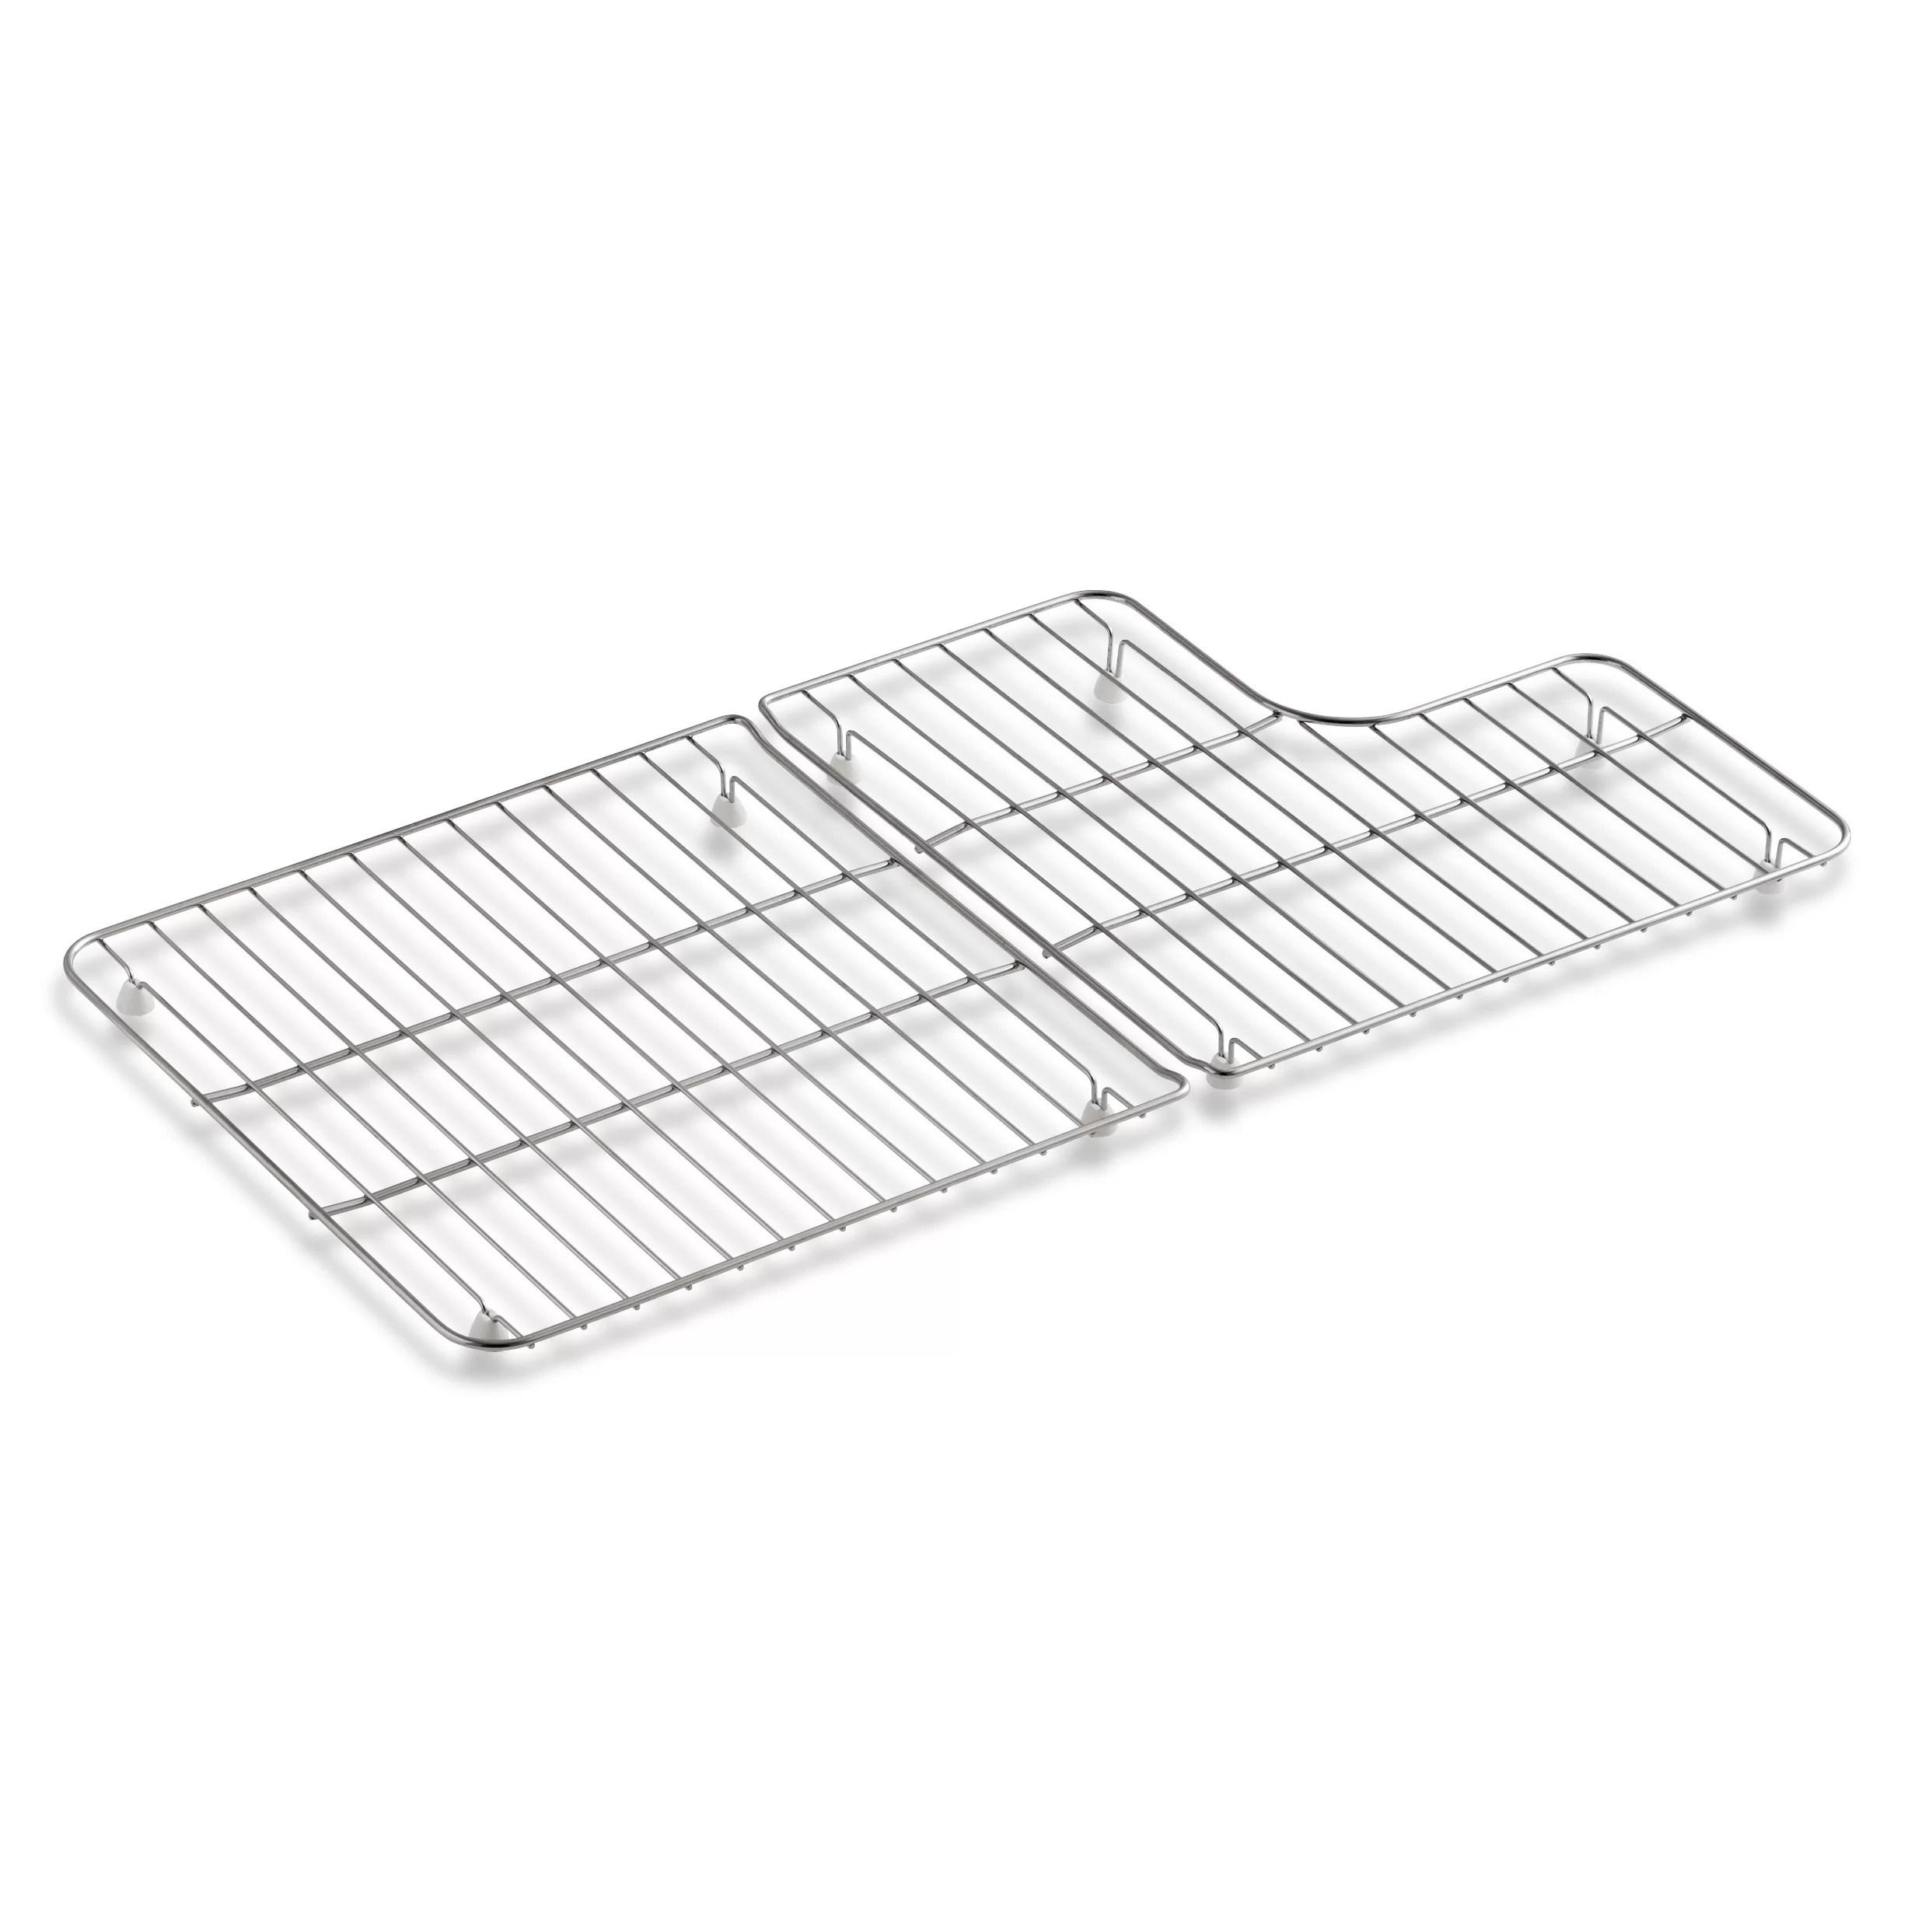 Kohler Stainless Steel Sink Racks For 36 Whitehaven